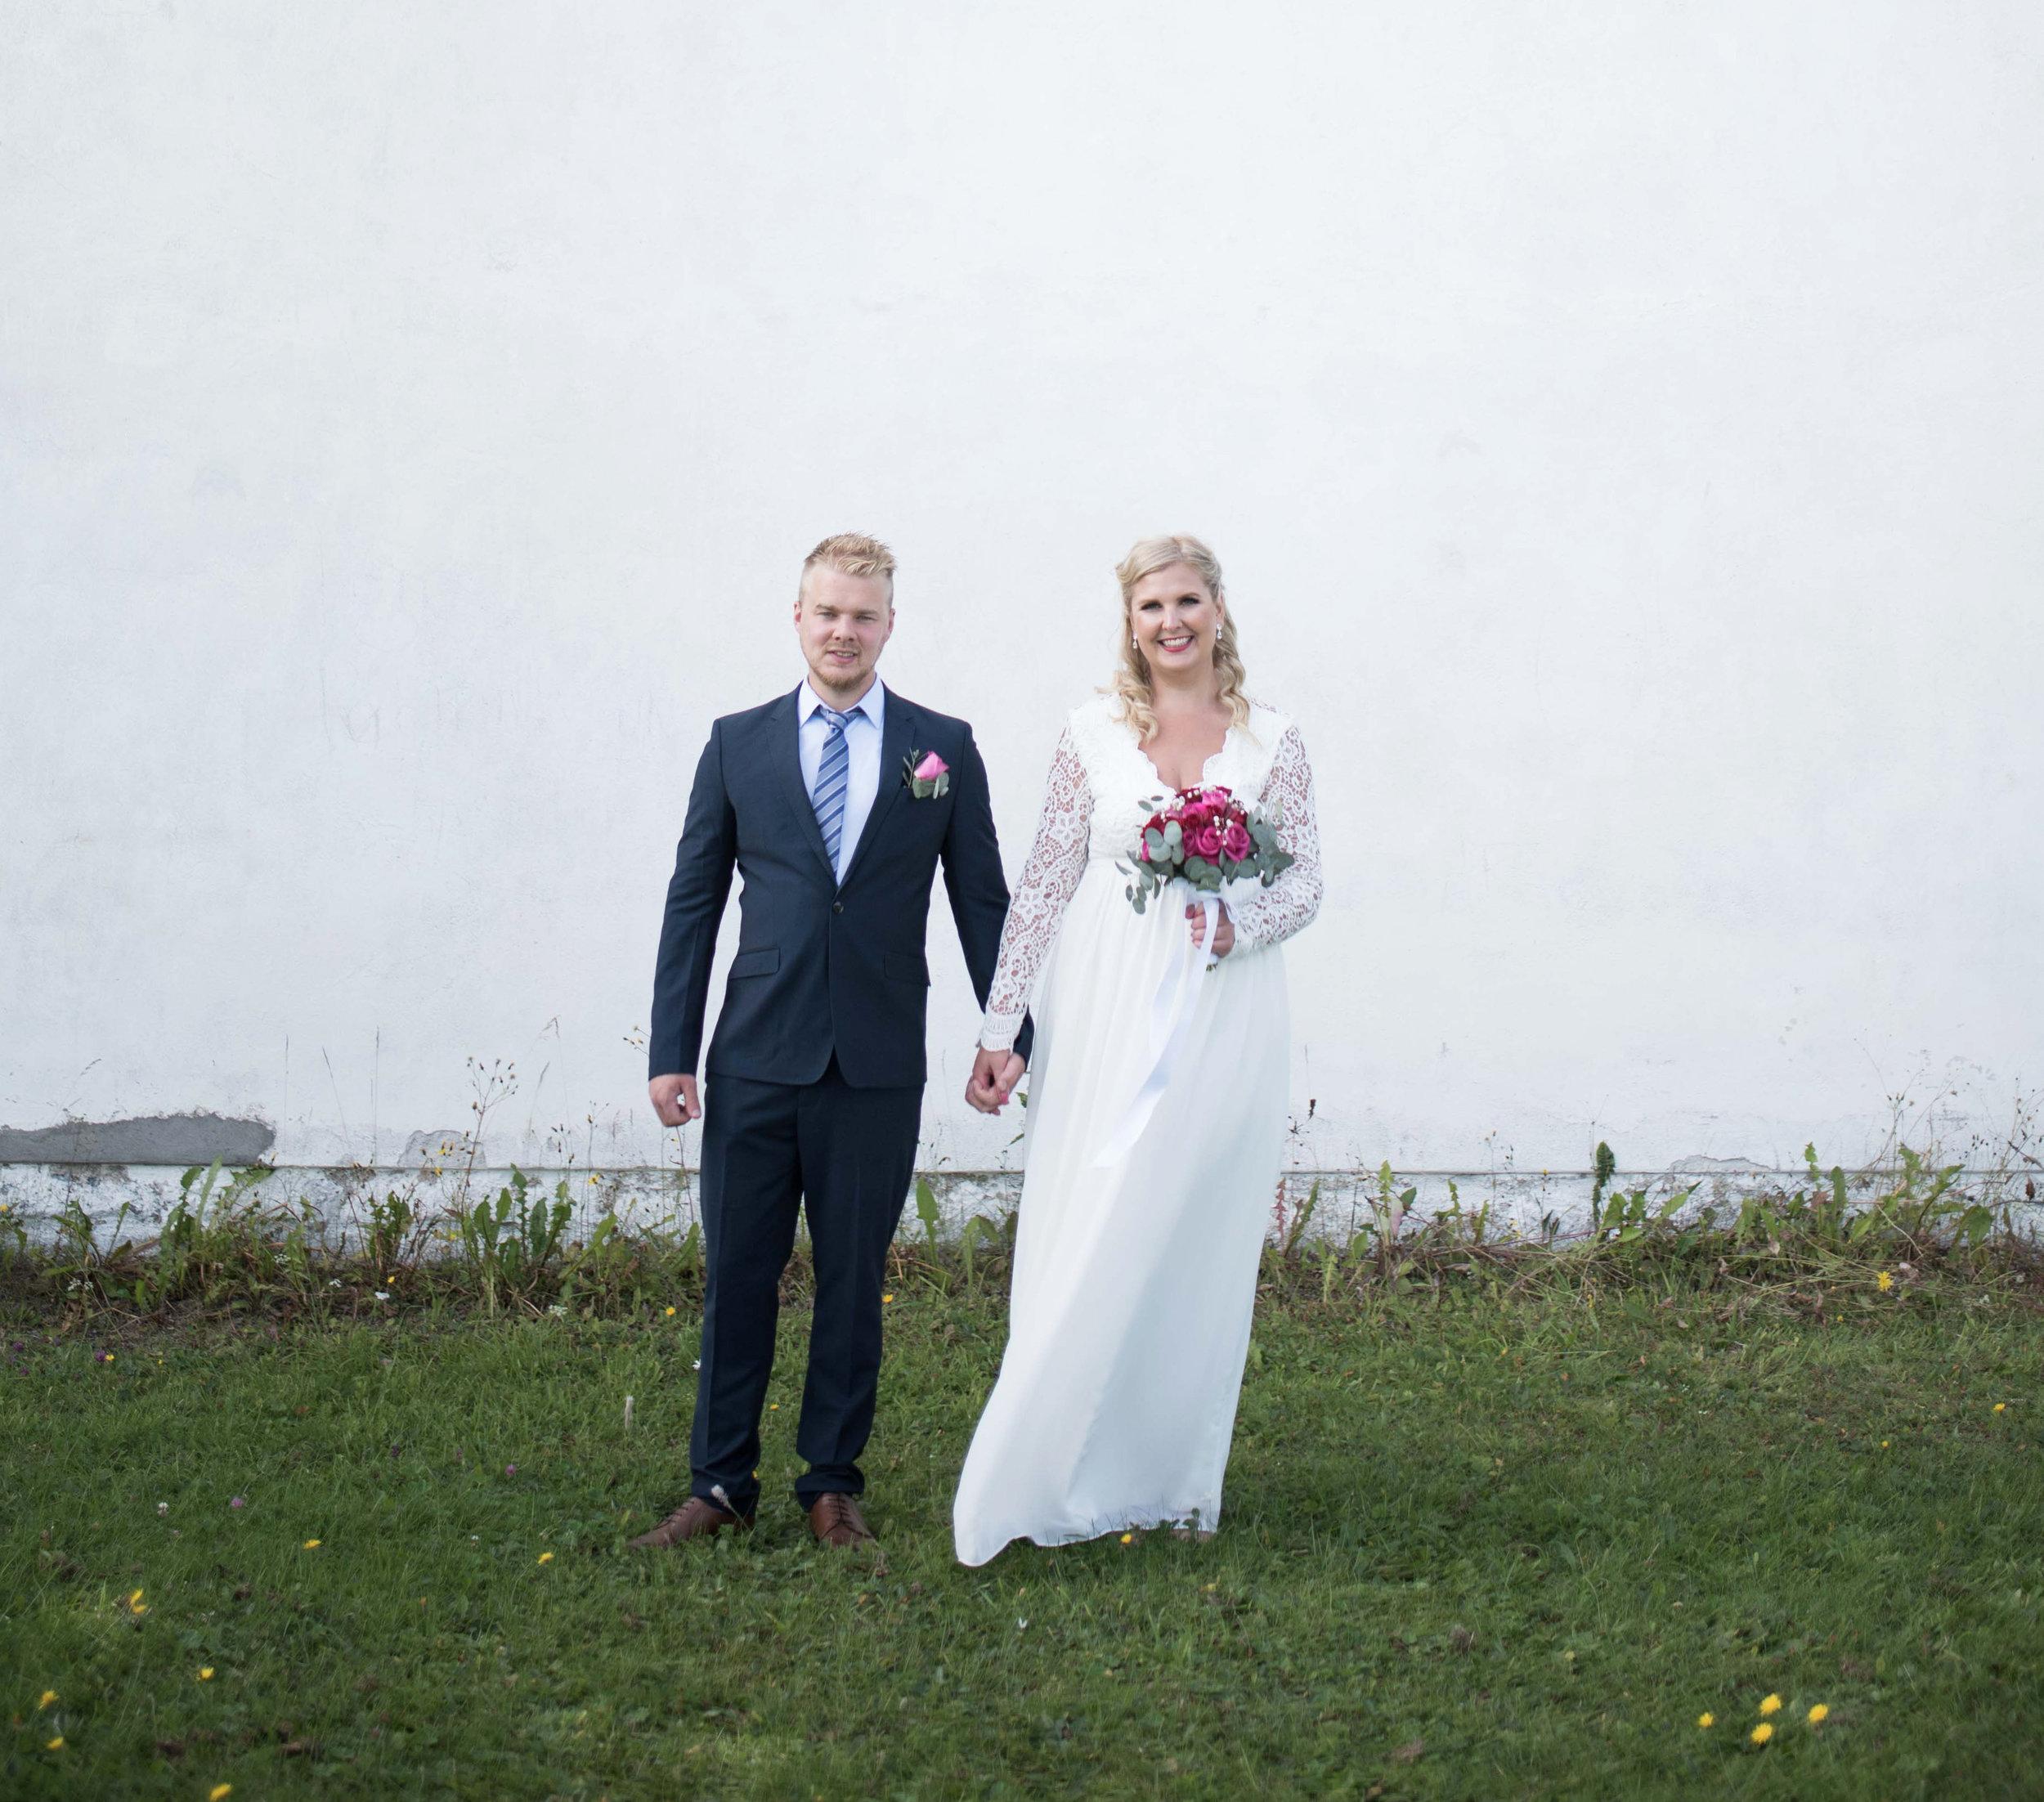 Bröllop2019lågkvall-4813besk.jpg